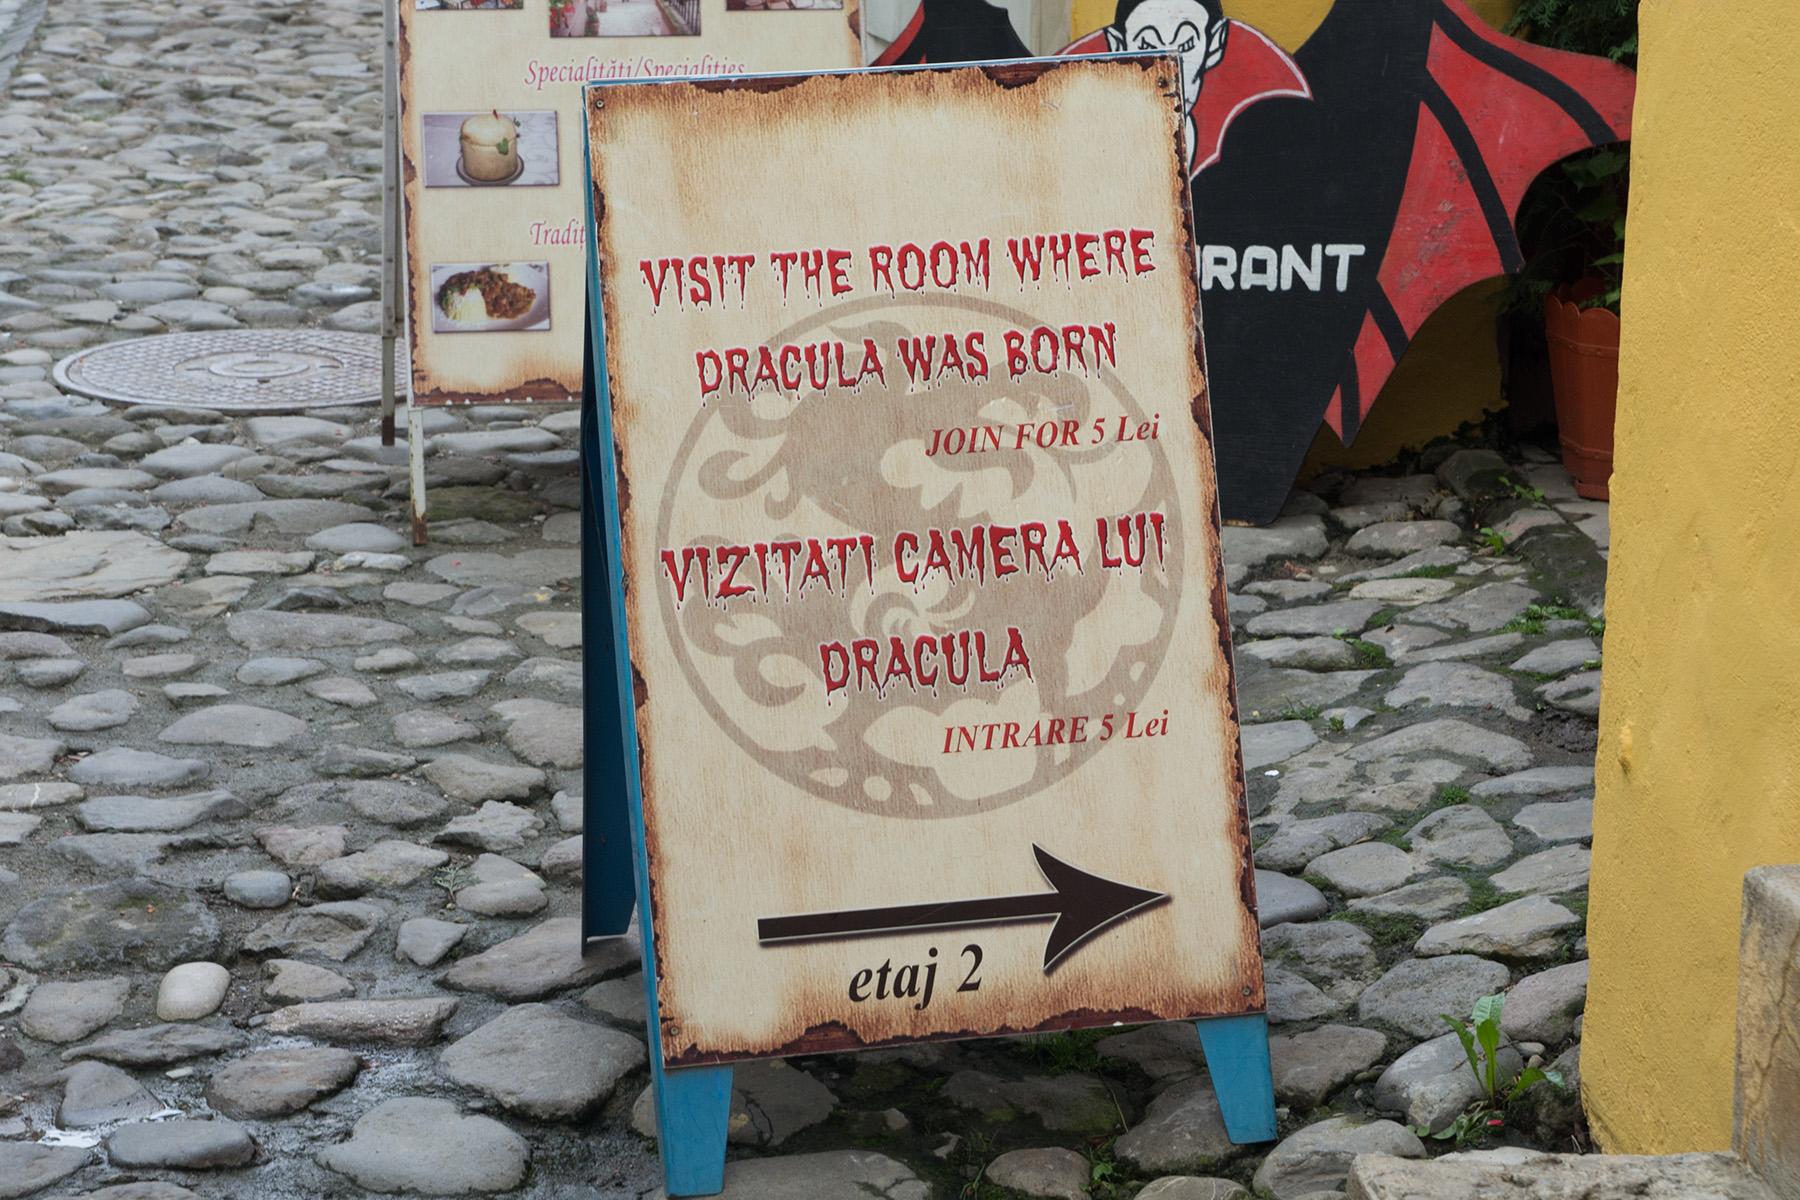 Табелка към стаята, където бил роден Влад Цепеш, една от всички забележителности в Сигишоара